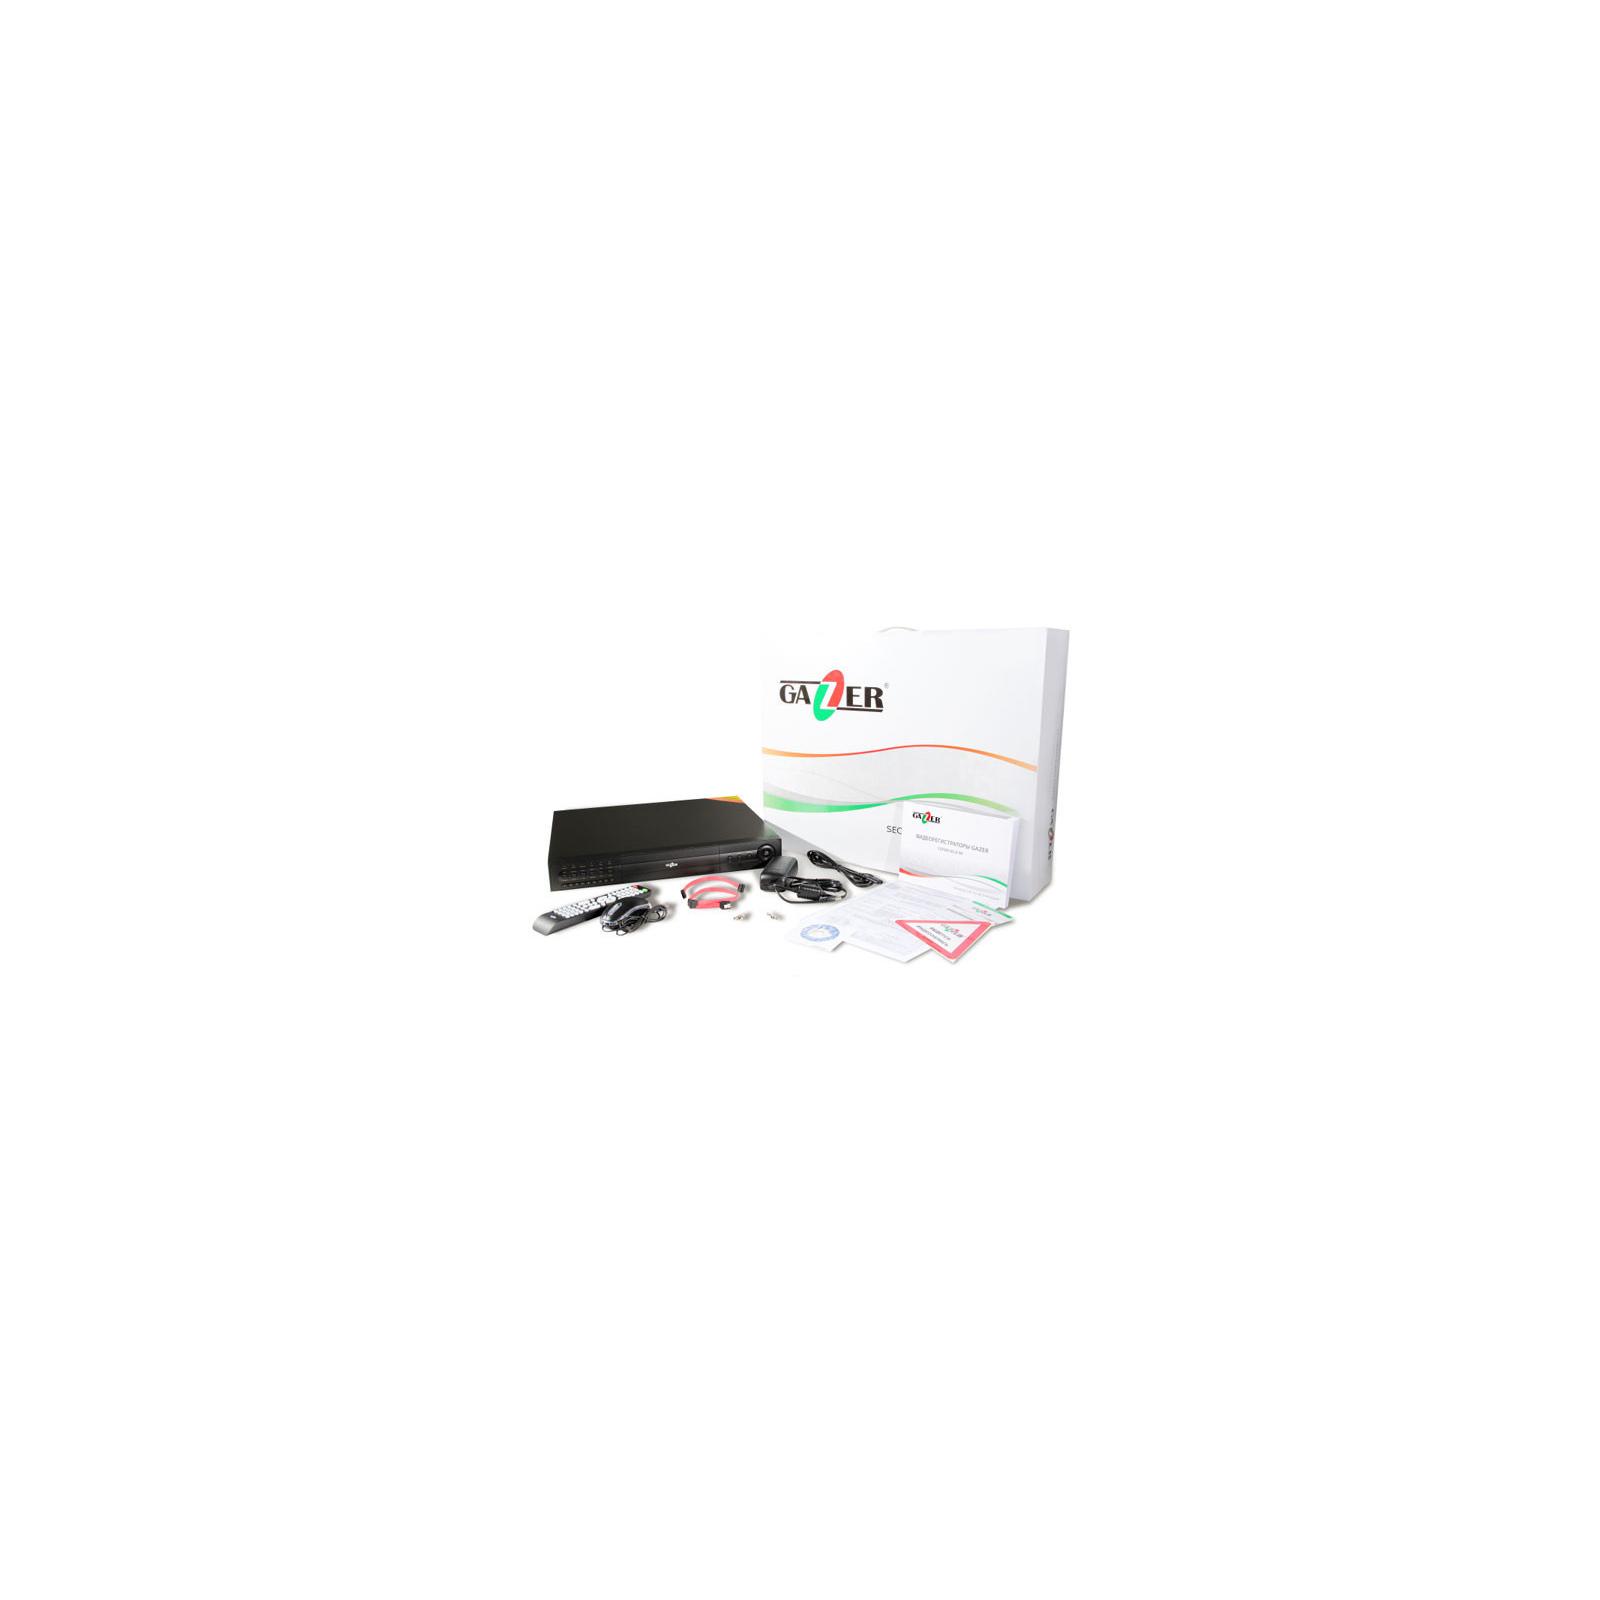 Регистратор для видеонаблюдения Gazer NS216rp изображение 10